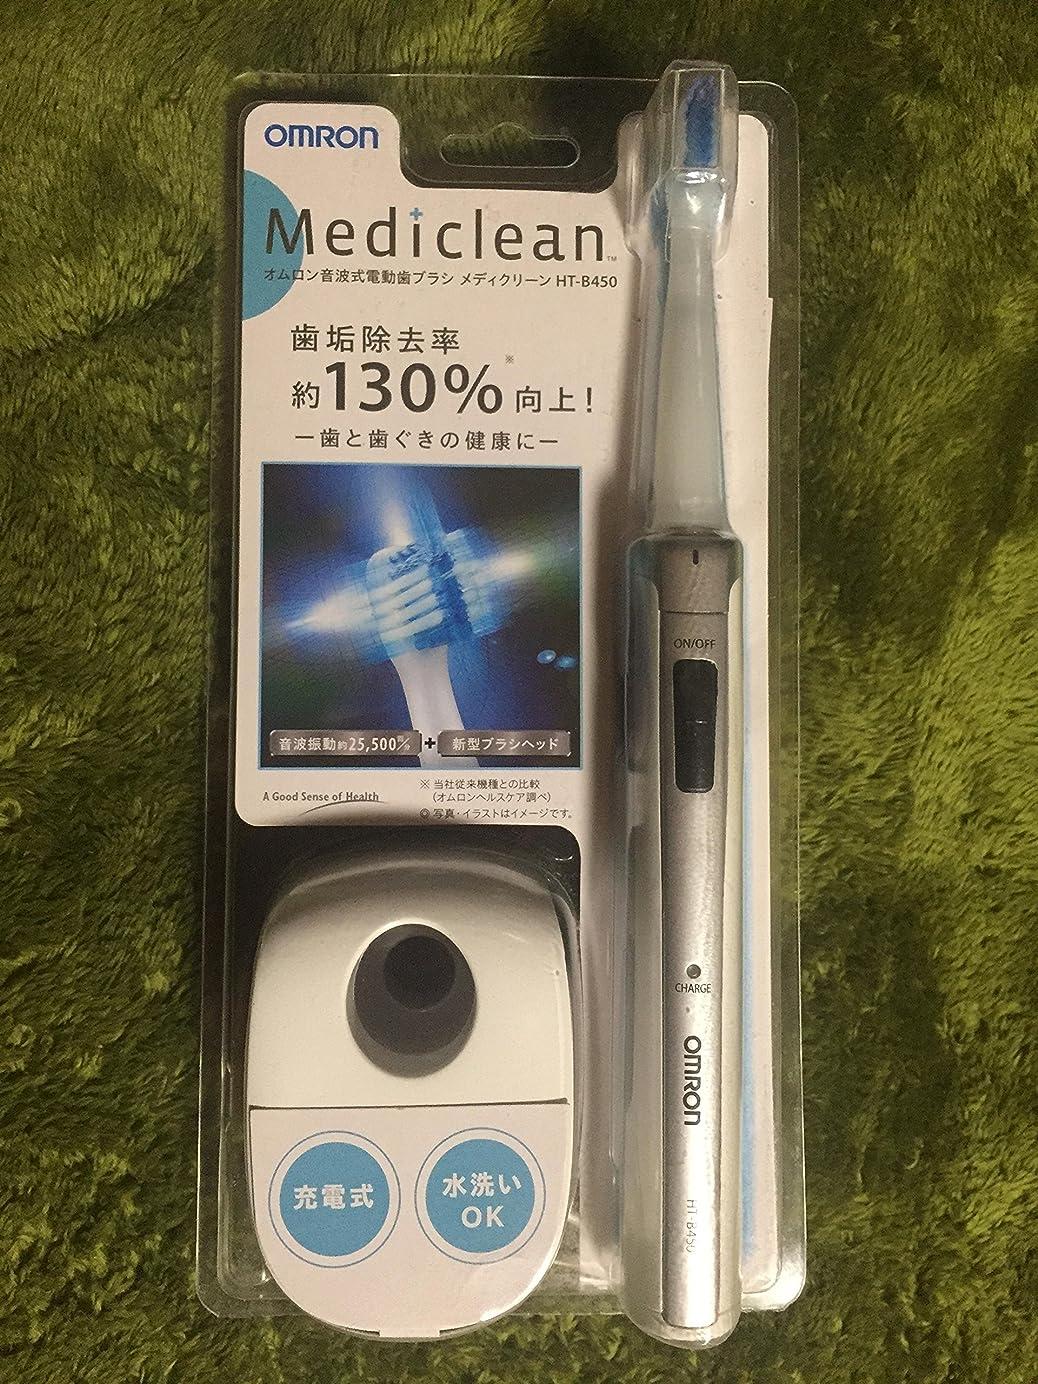 レキシコンケーキ奇妙なオムロン 音波式電動歯ブラシ メディクリーン HT-B450